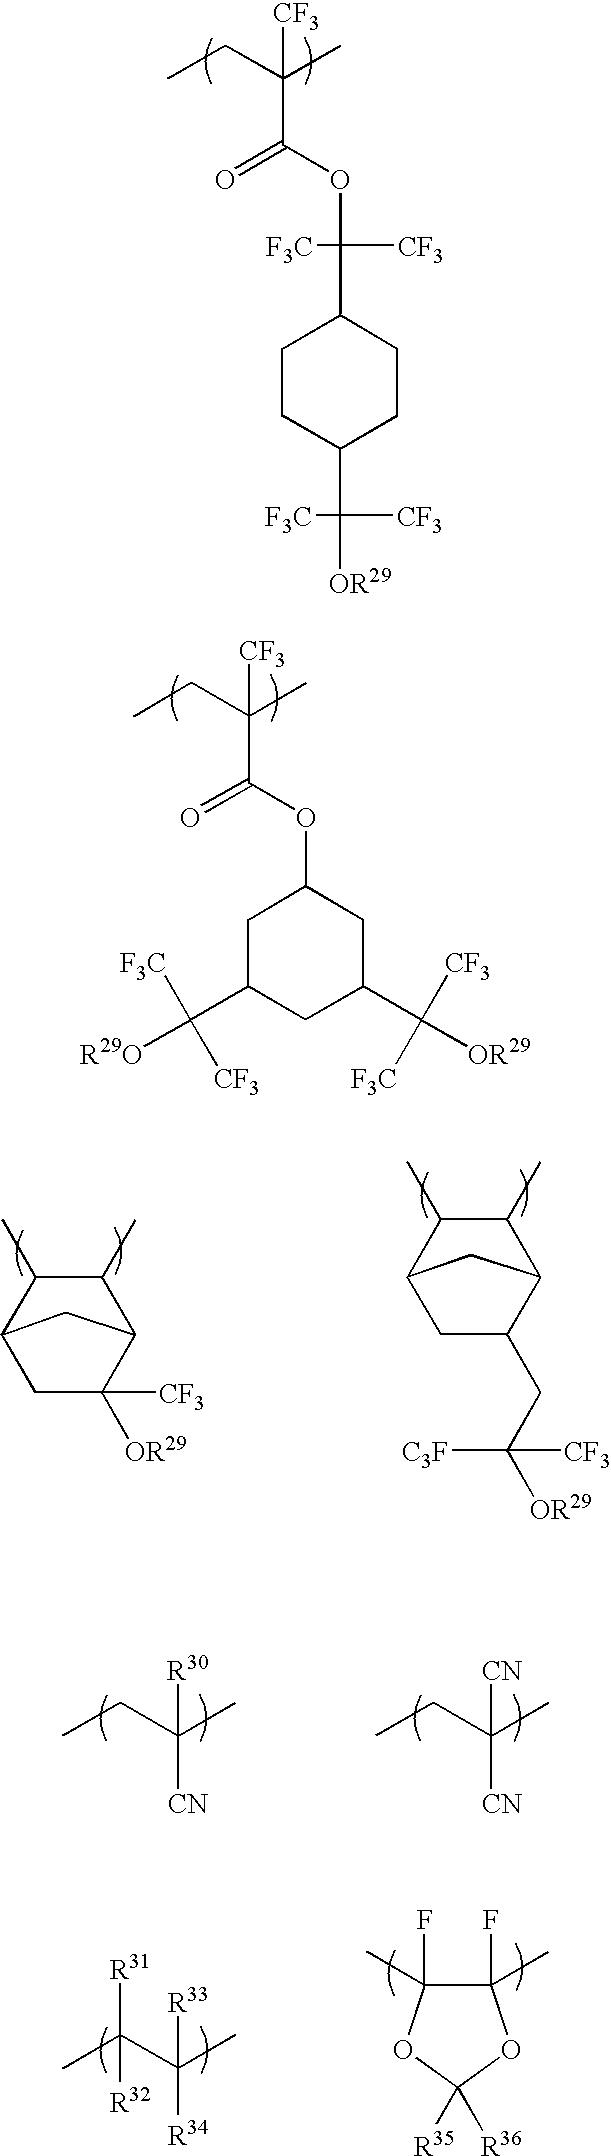 Figure US20050106499A1-20050519-C00013